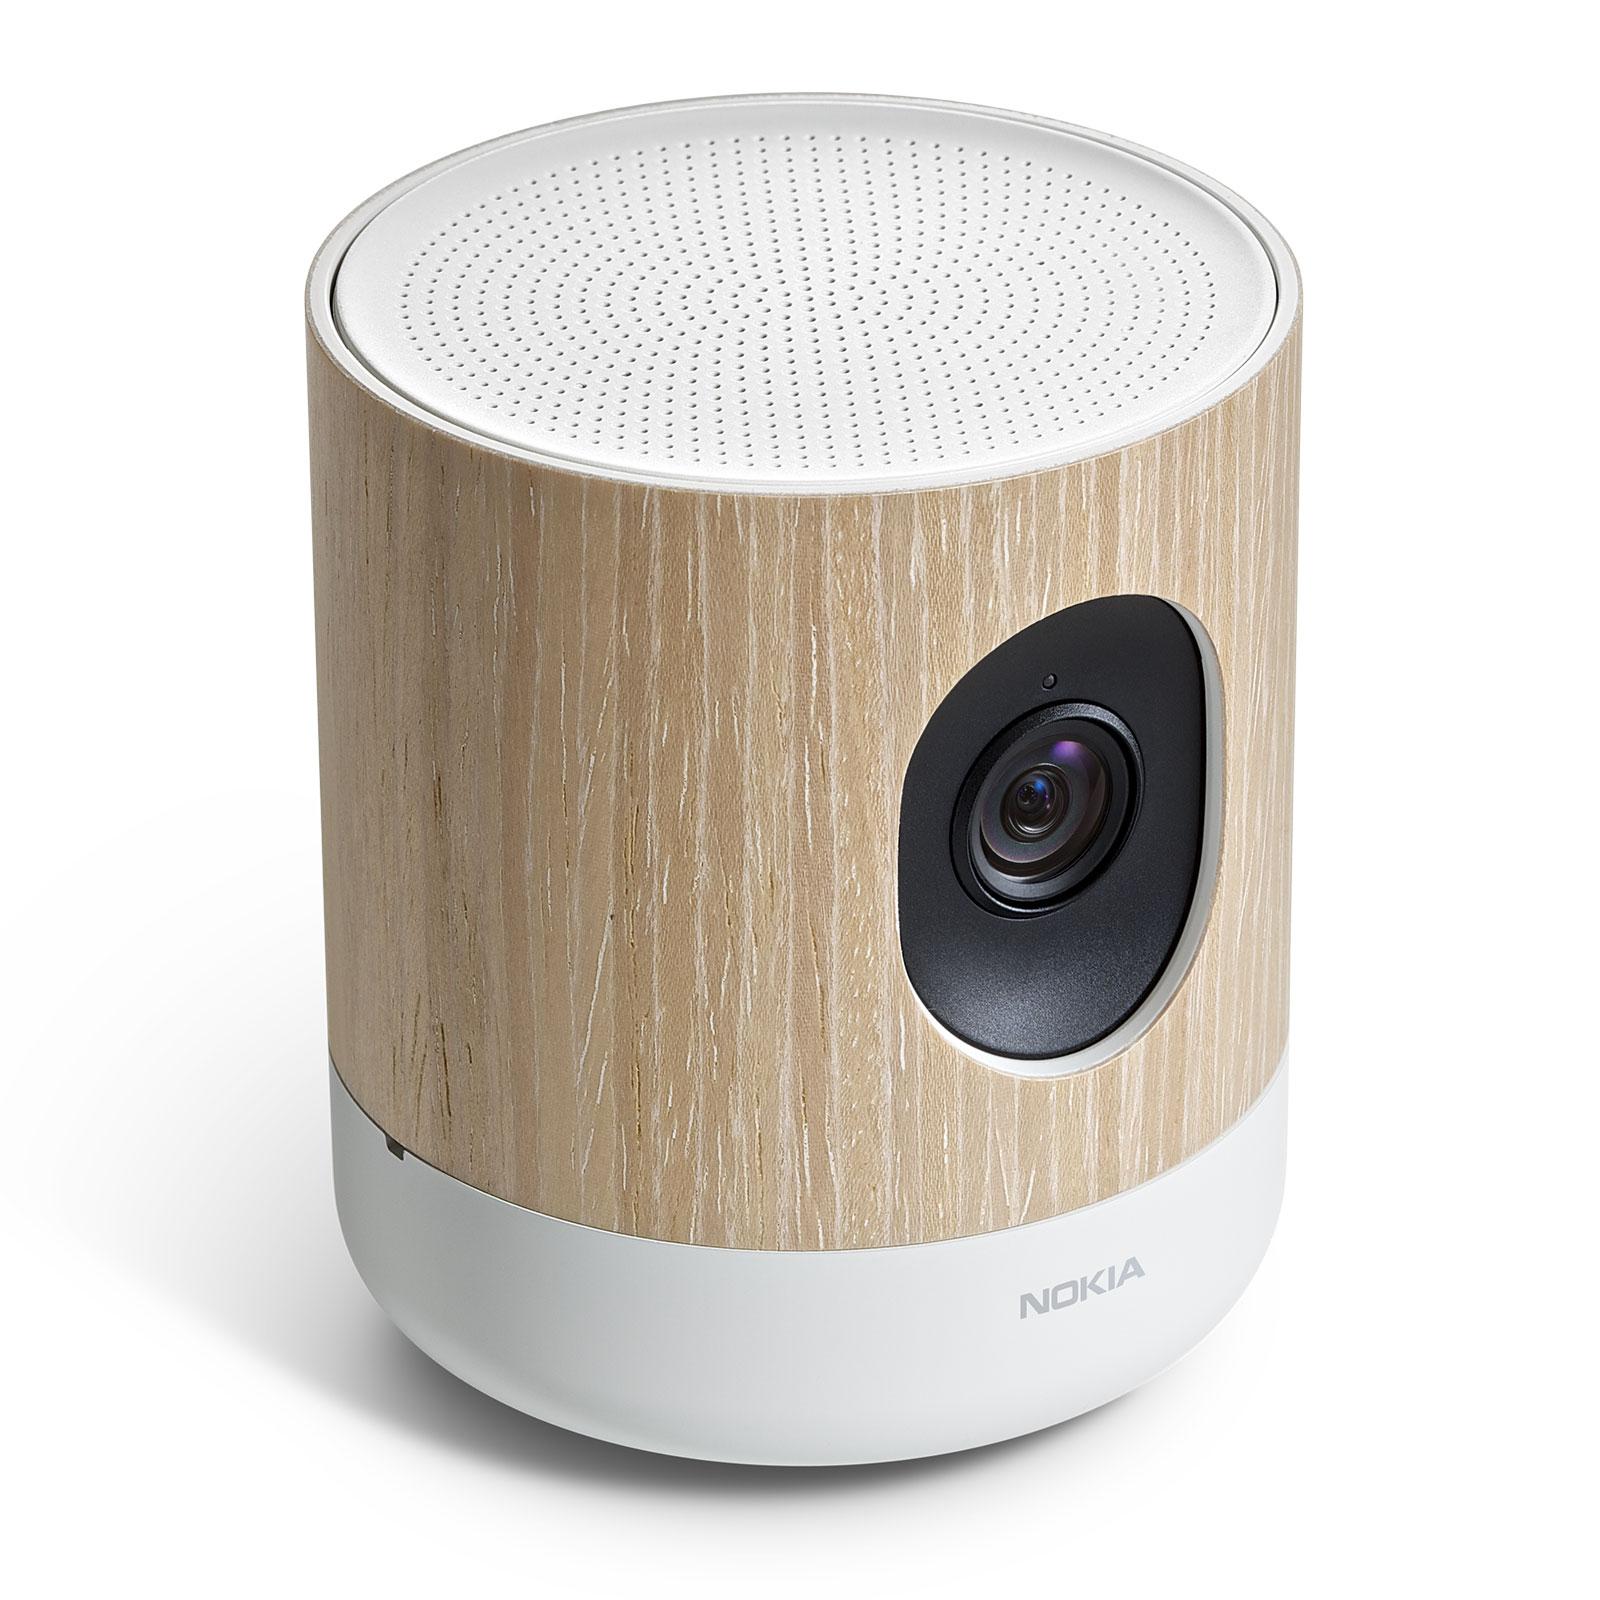 Caméra de surveillance HD connectée Nokia Home